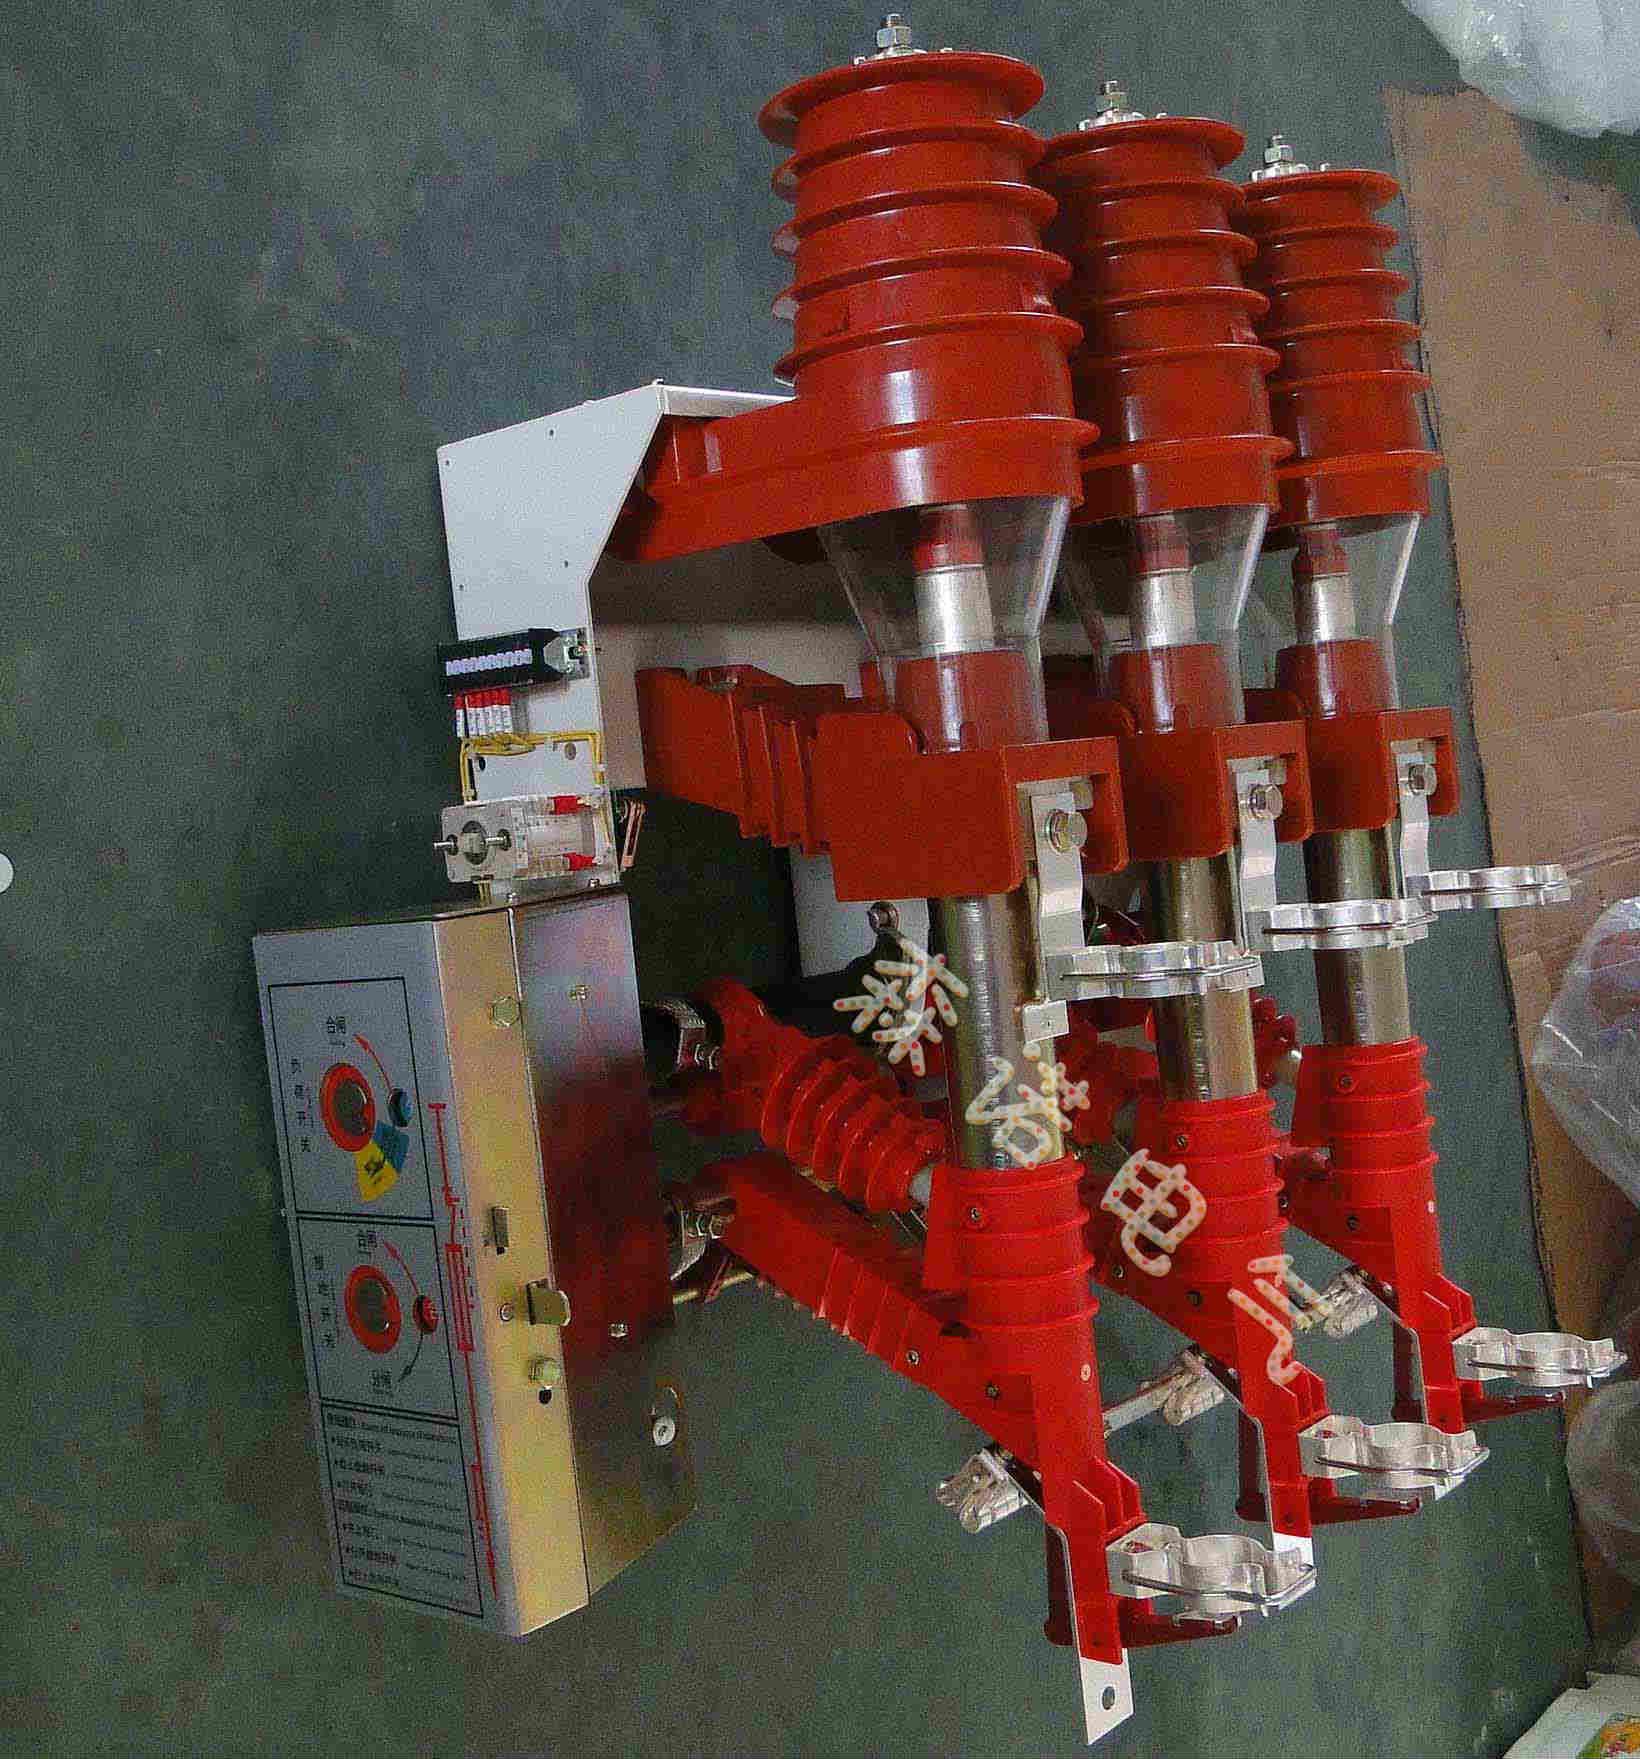 [配电系统]负荷开关与熔断器配合问题 - 土木在线